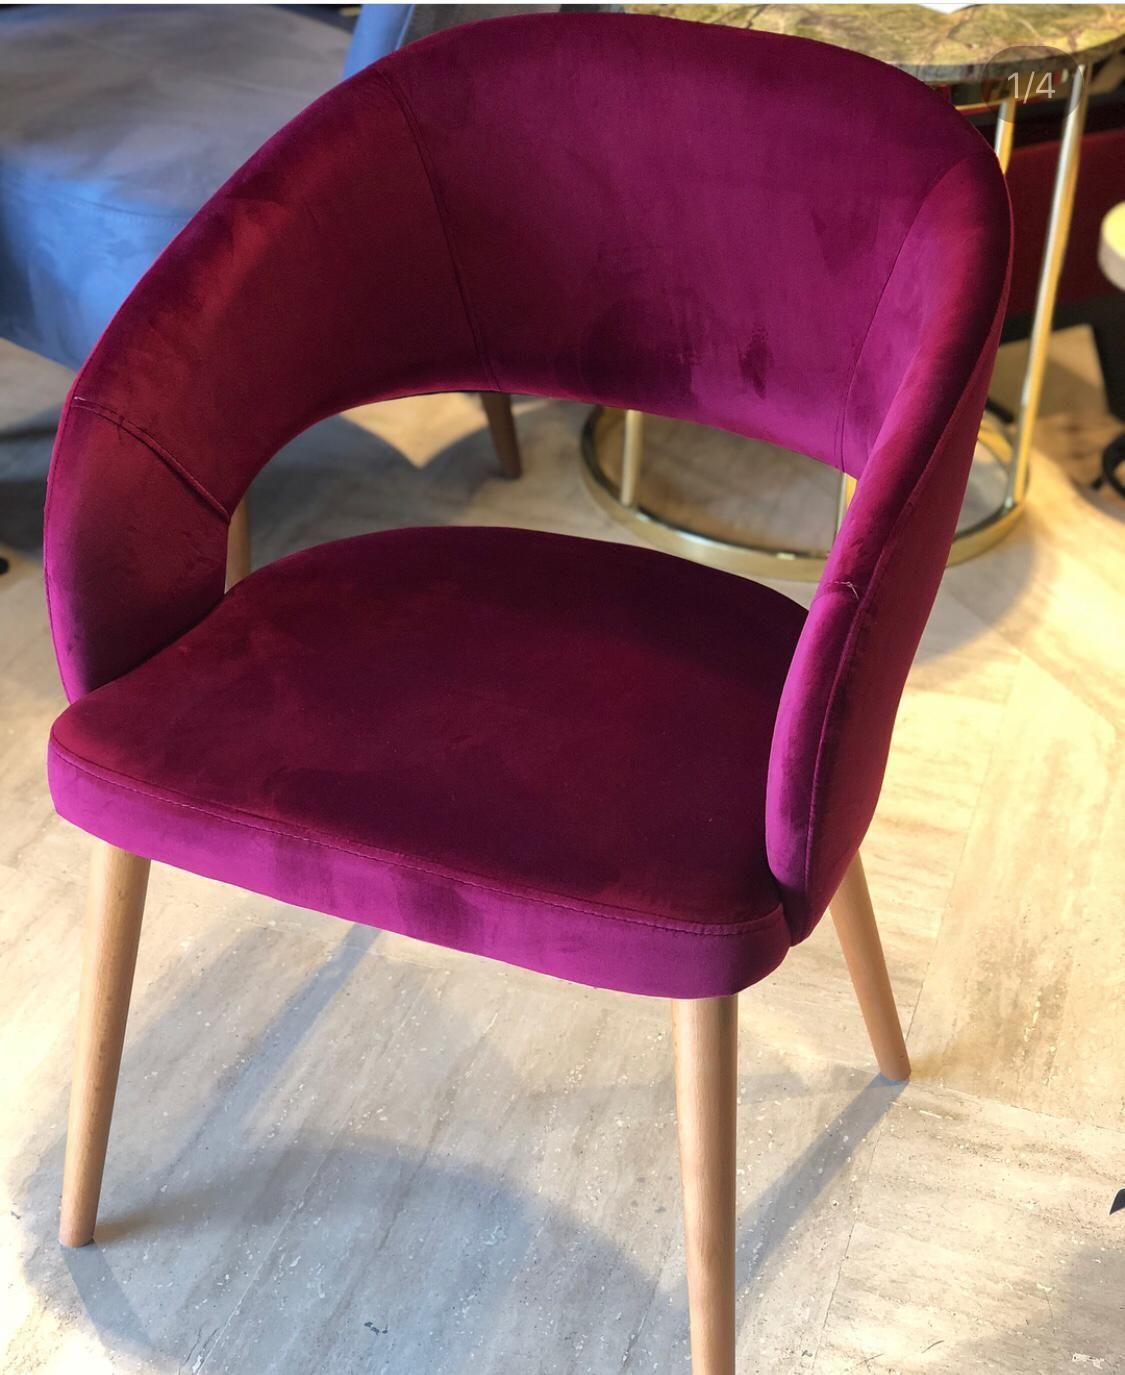 Berjer Berjermodelleri Masa Sandalye Chair Chairdesign Dekorasyon Mermermasa Mobilya Dekorasyon Tasarim Dresuar Desi Sandalye Mobilya Chesterfield